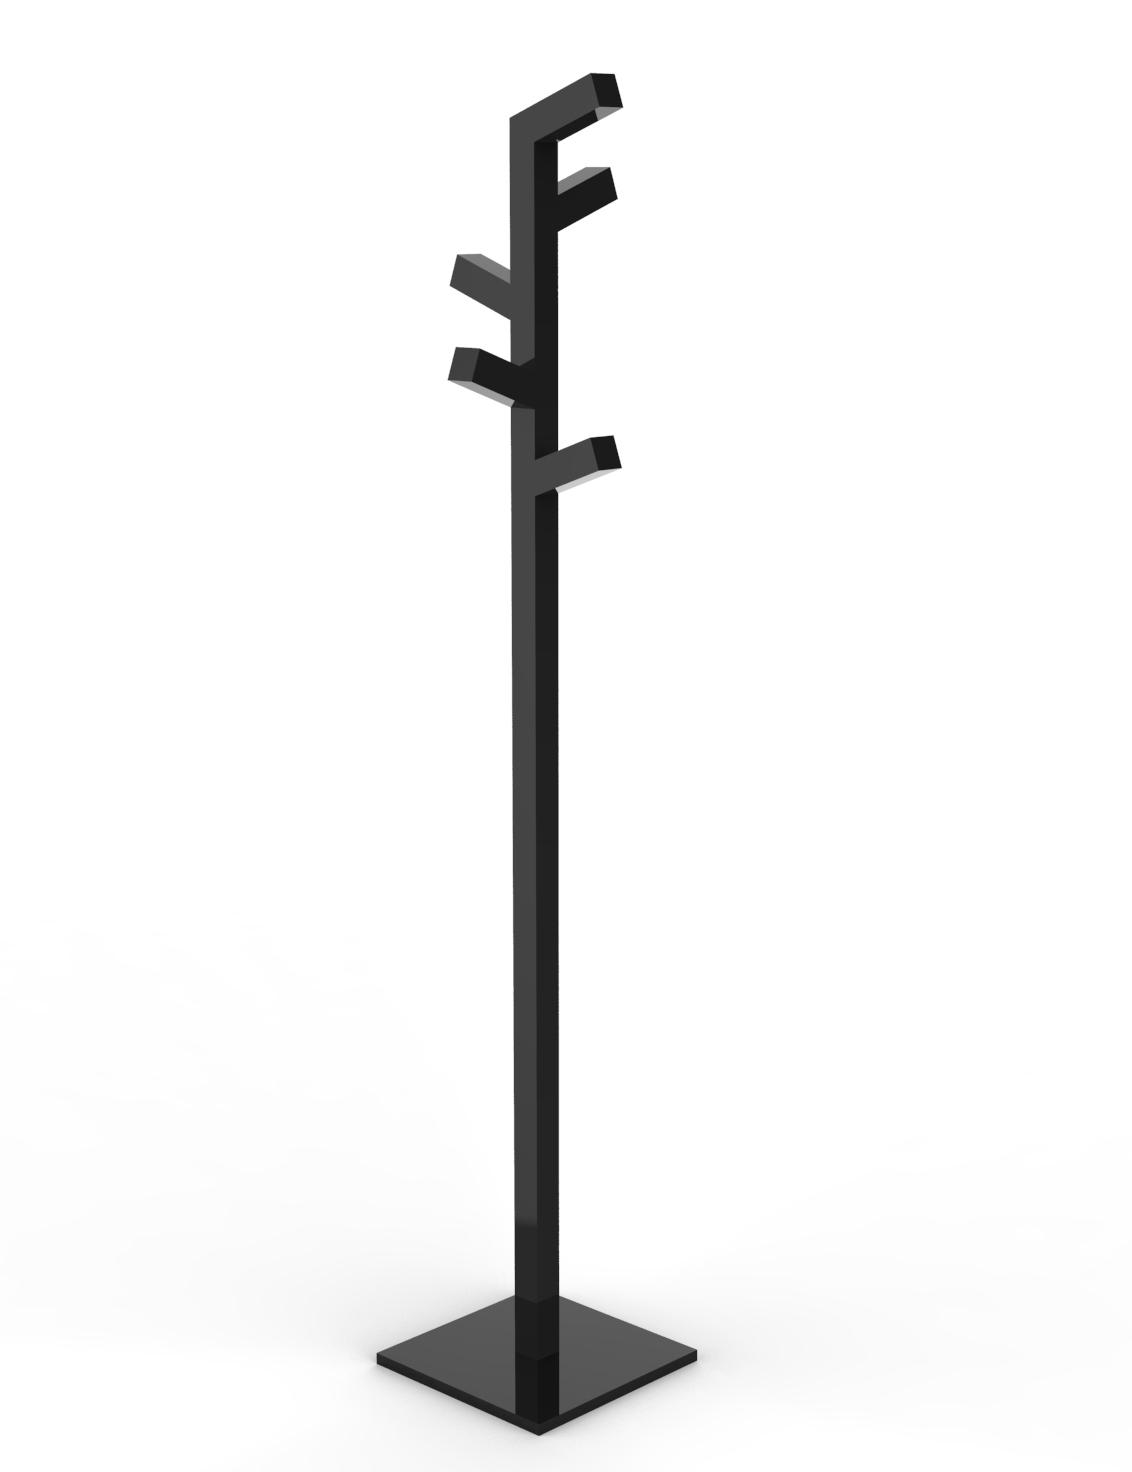 Appendiabiti Stelo.Design Contemporaneo Italiano Insilvis Organica 1 Appendiabiti A Stelo